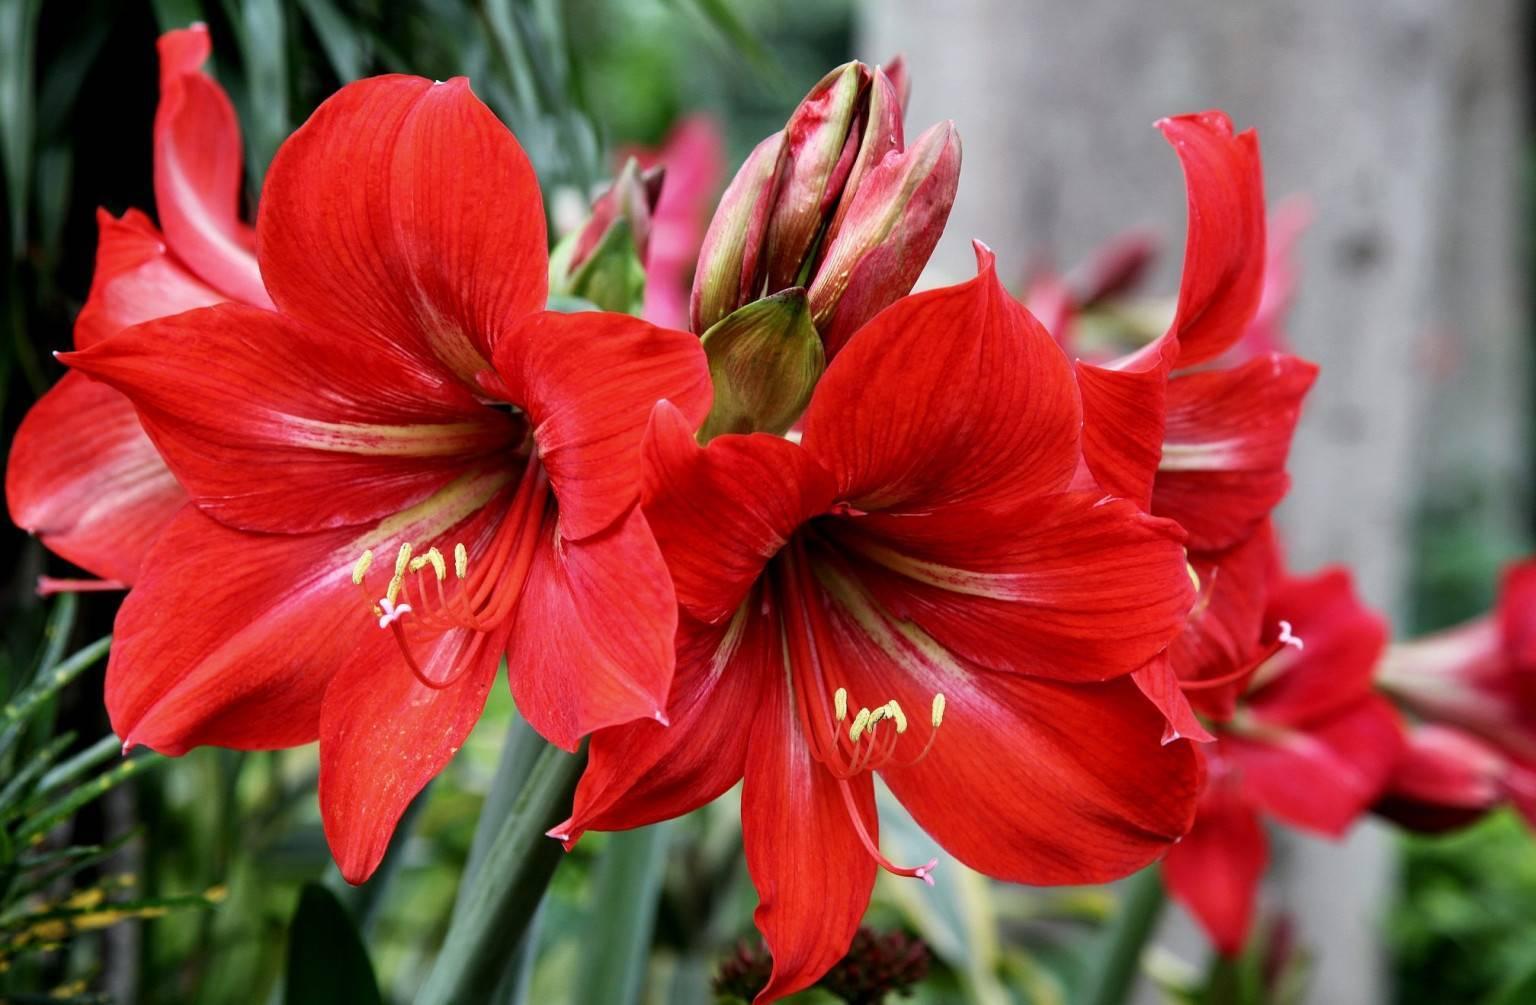 Гиппеаструм: описание, правила ухода в домашних условиях, в саду, в период покоя, после цветения, технология размножения, как заставить цвести, советы